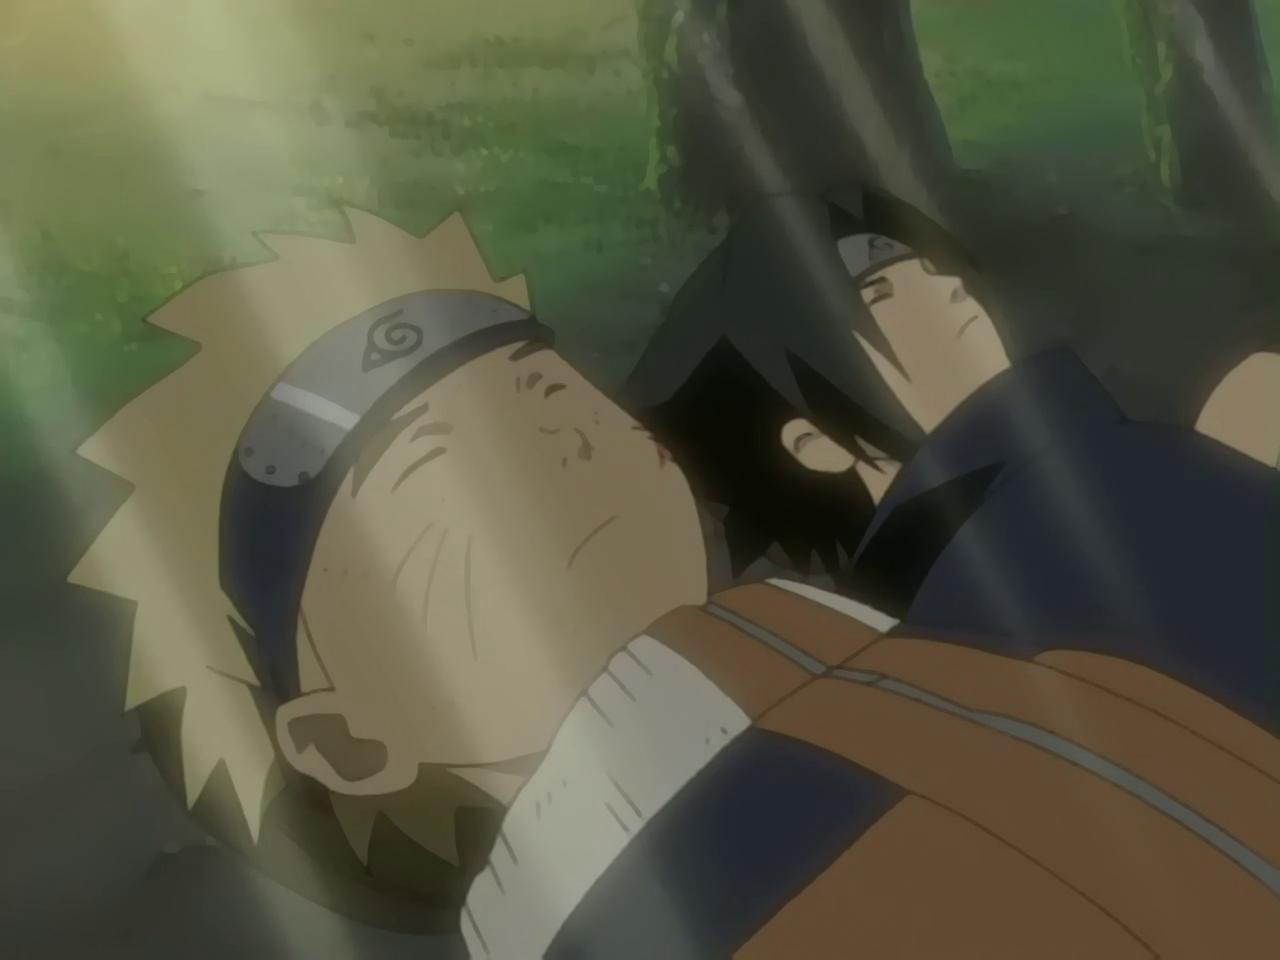 Naruto | DVDrip | Lat/Ing/Jap+Sub |30/220| MKV-960p | x26 Naruto_30_2